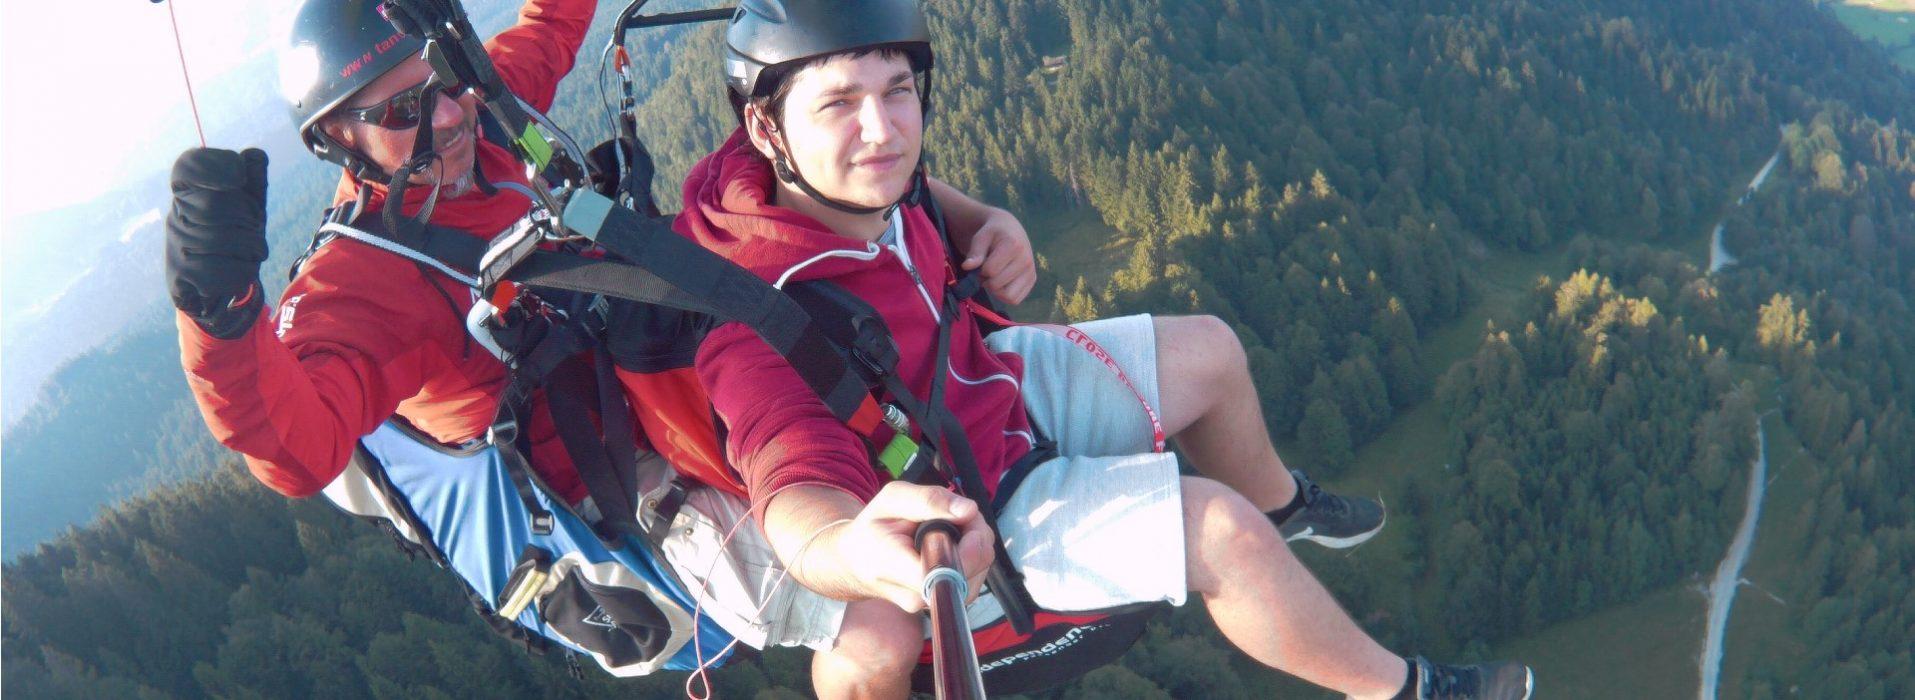 Gleitschirmflug mit Dominik vom Panorama-Restaurant Brauneck